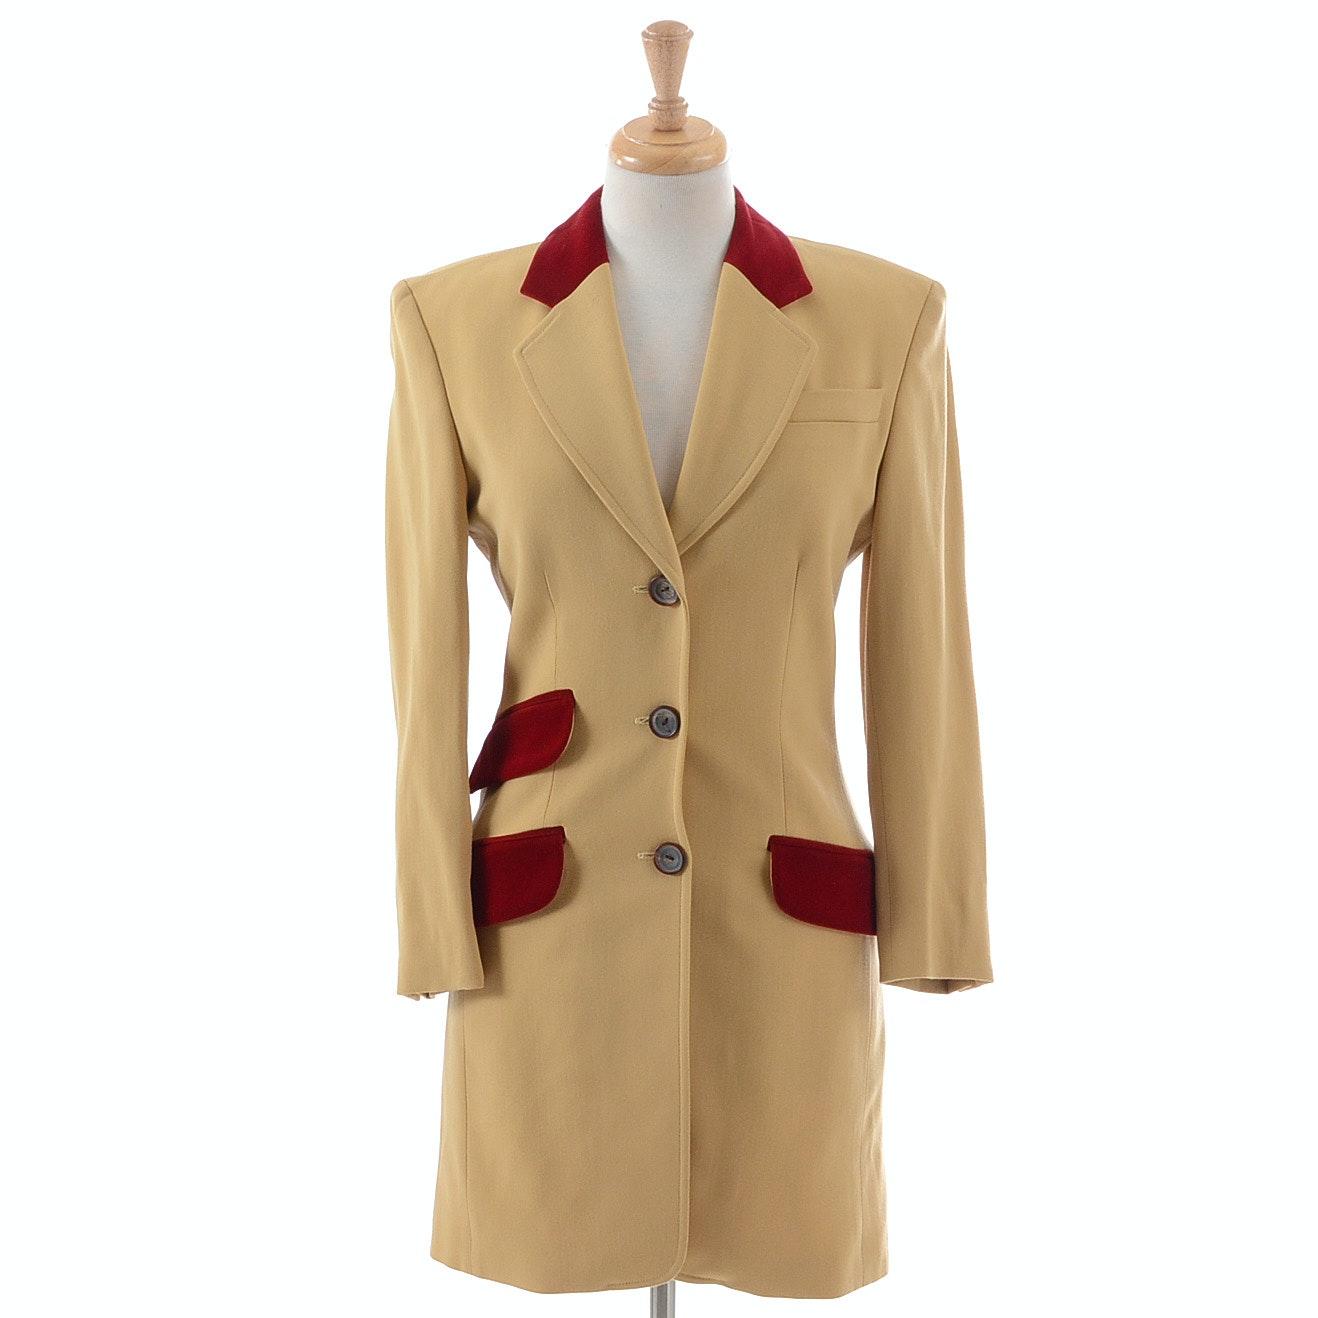 Vintage Crisca Wool Blend Blazer with Velvet Trim